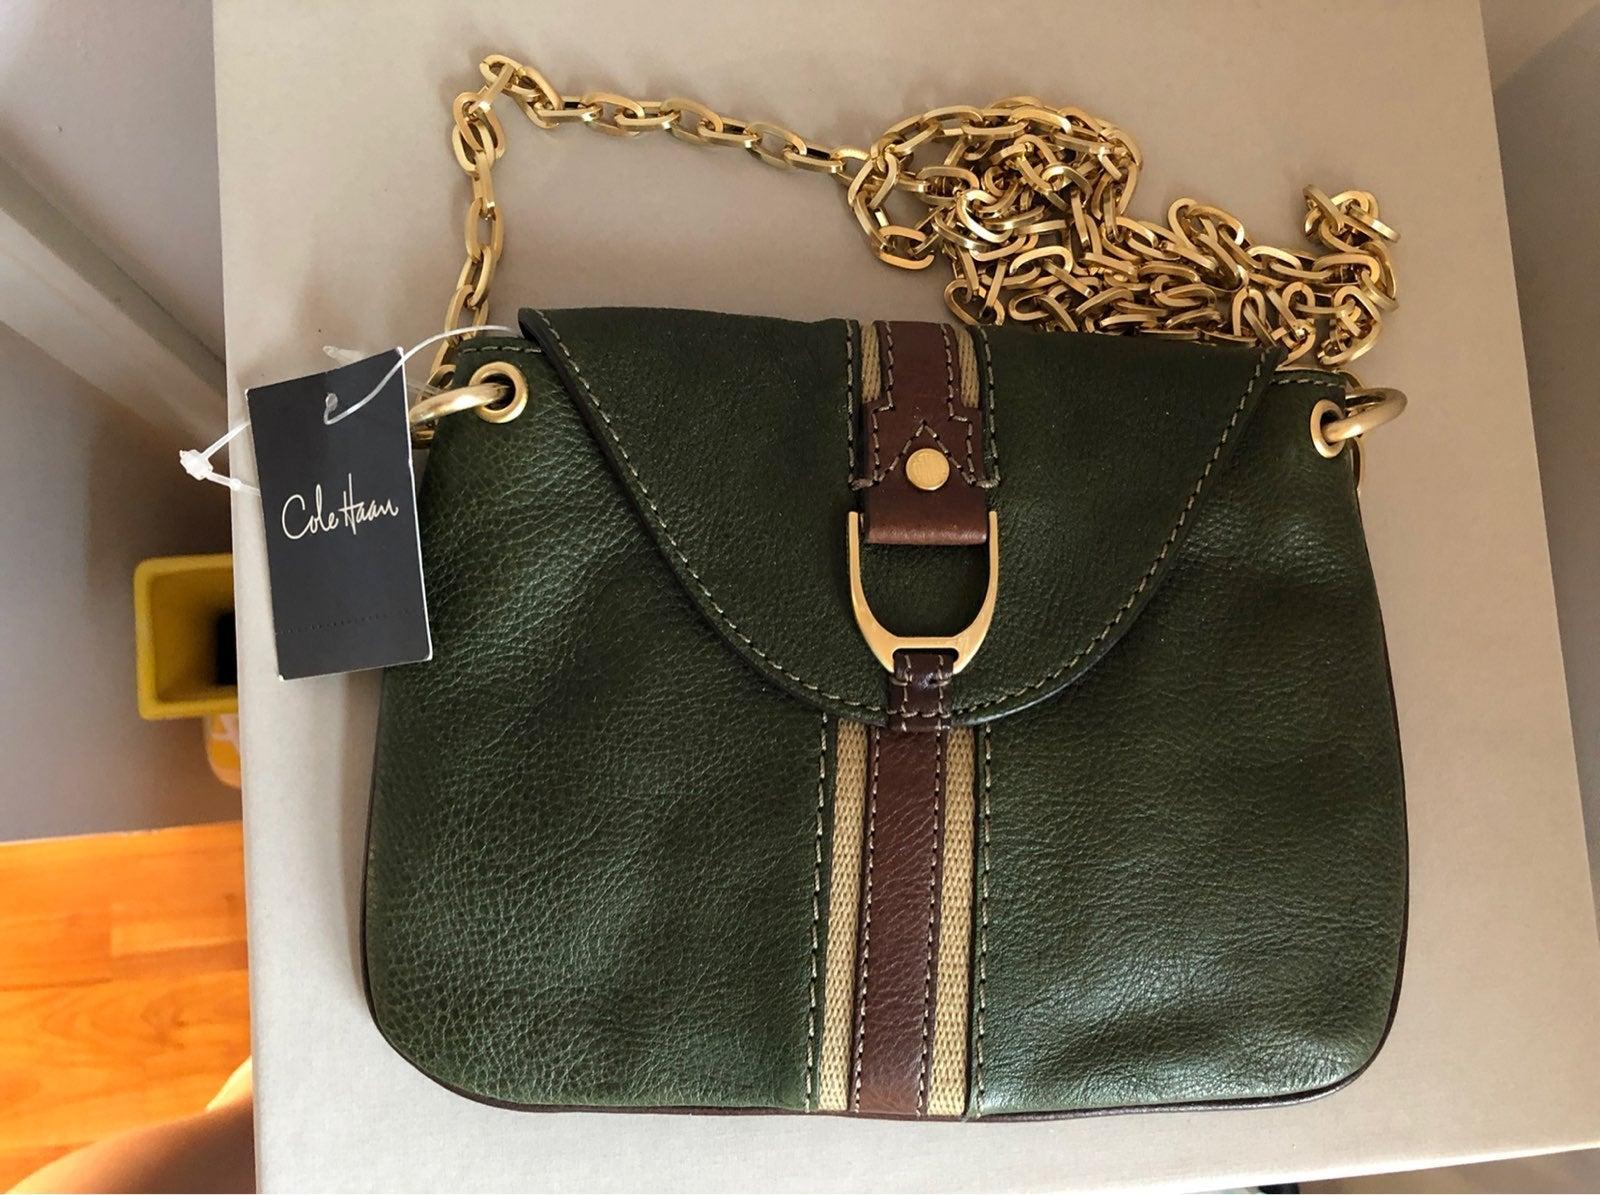 Cole Haan handbags